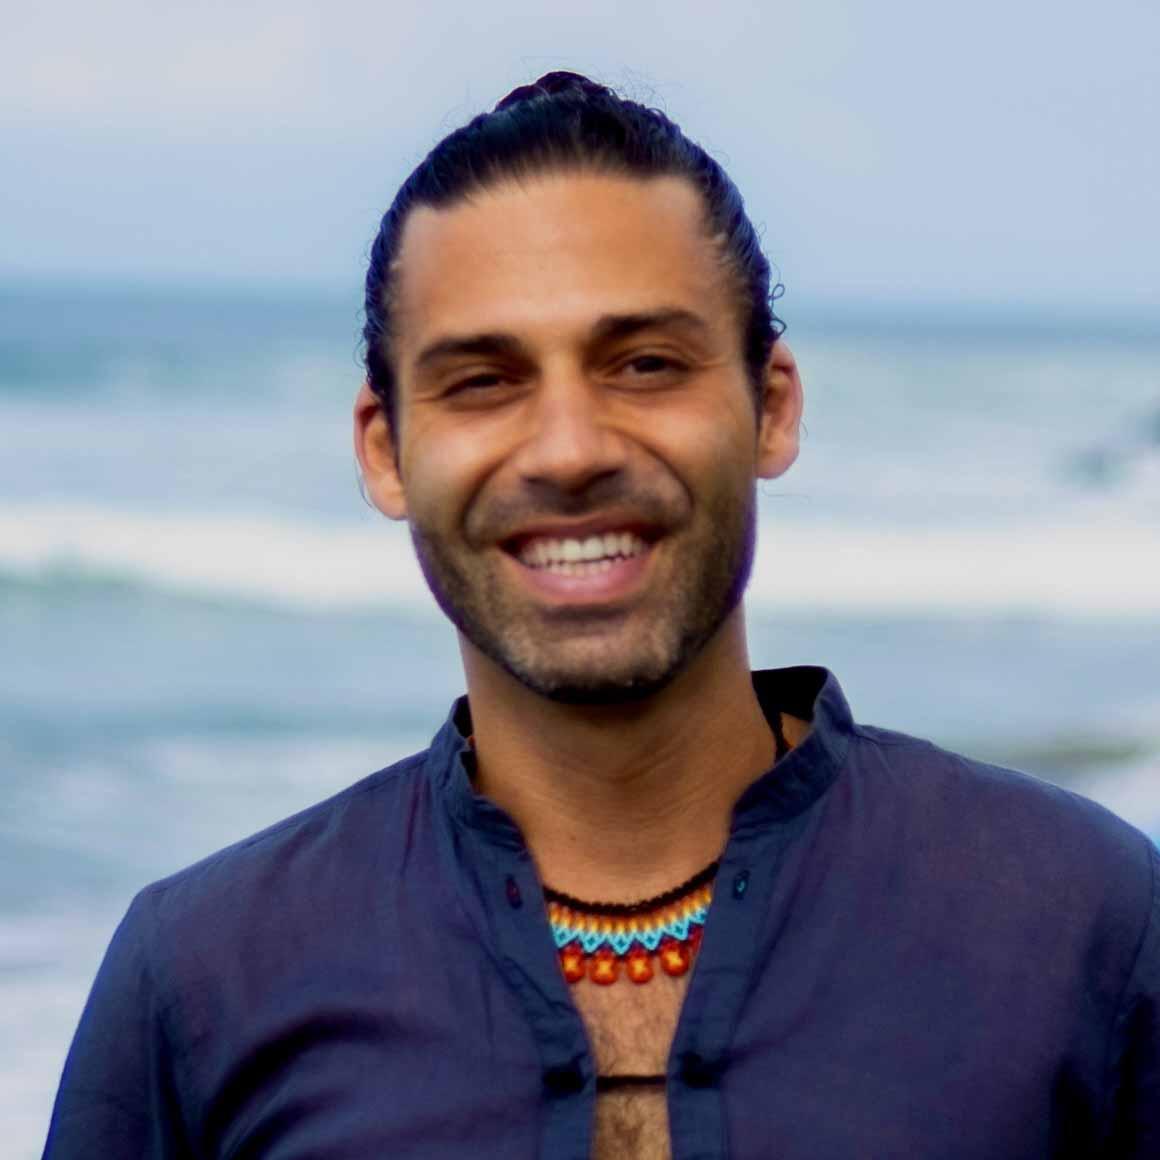 Tarek's Profile Pic 20201